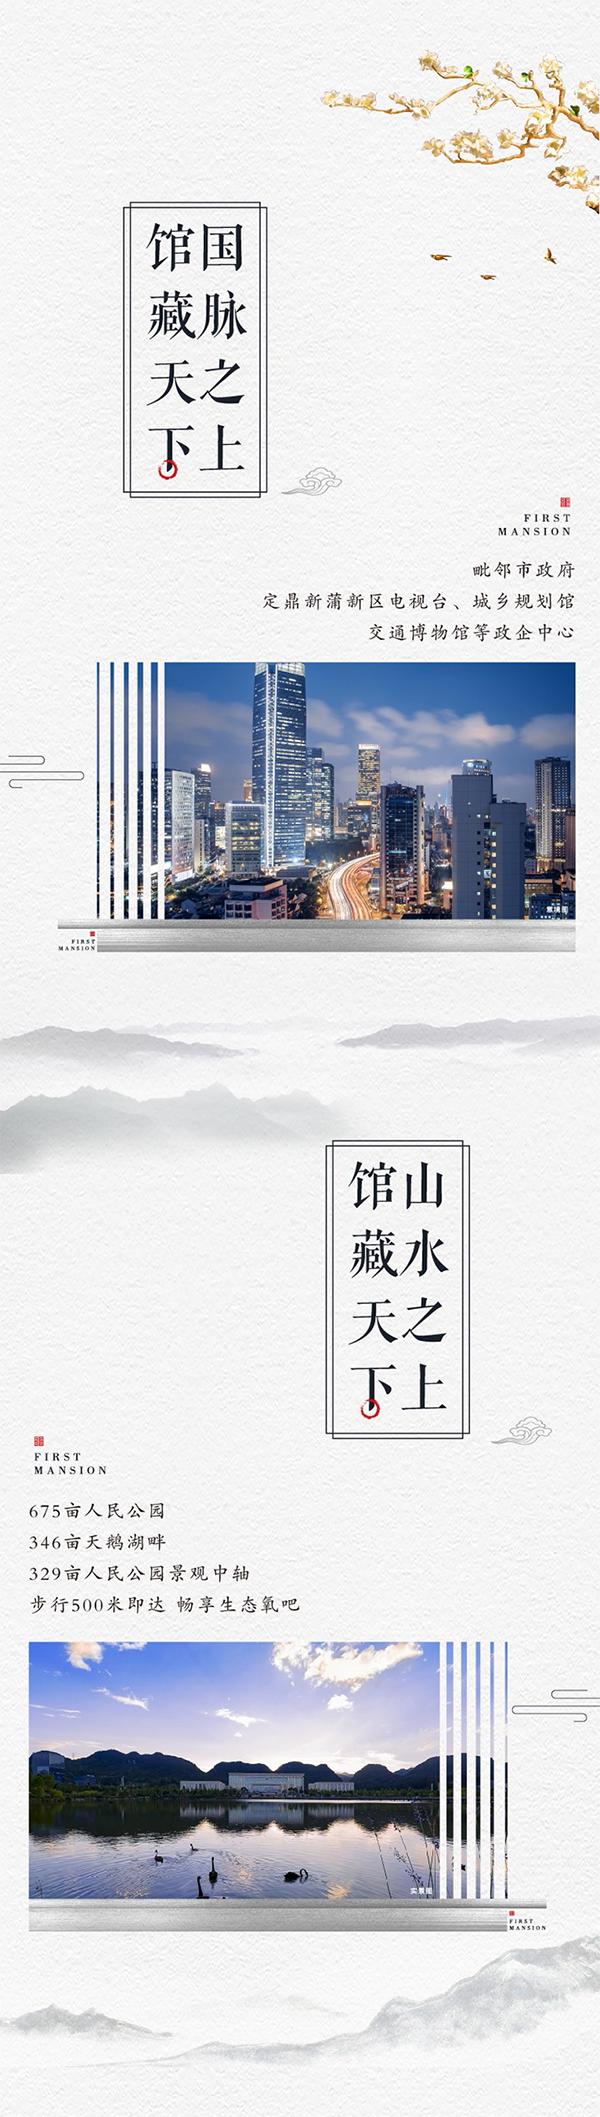 日月星壹号公馆 大美盛境 馆为君开-中国网地产